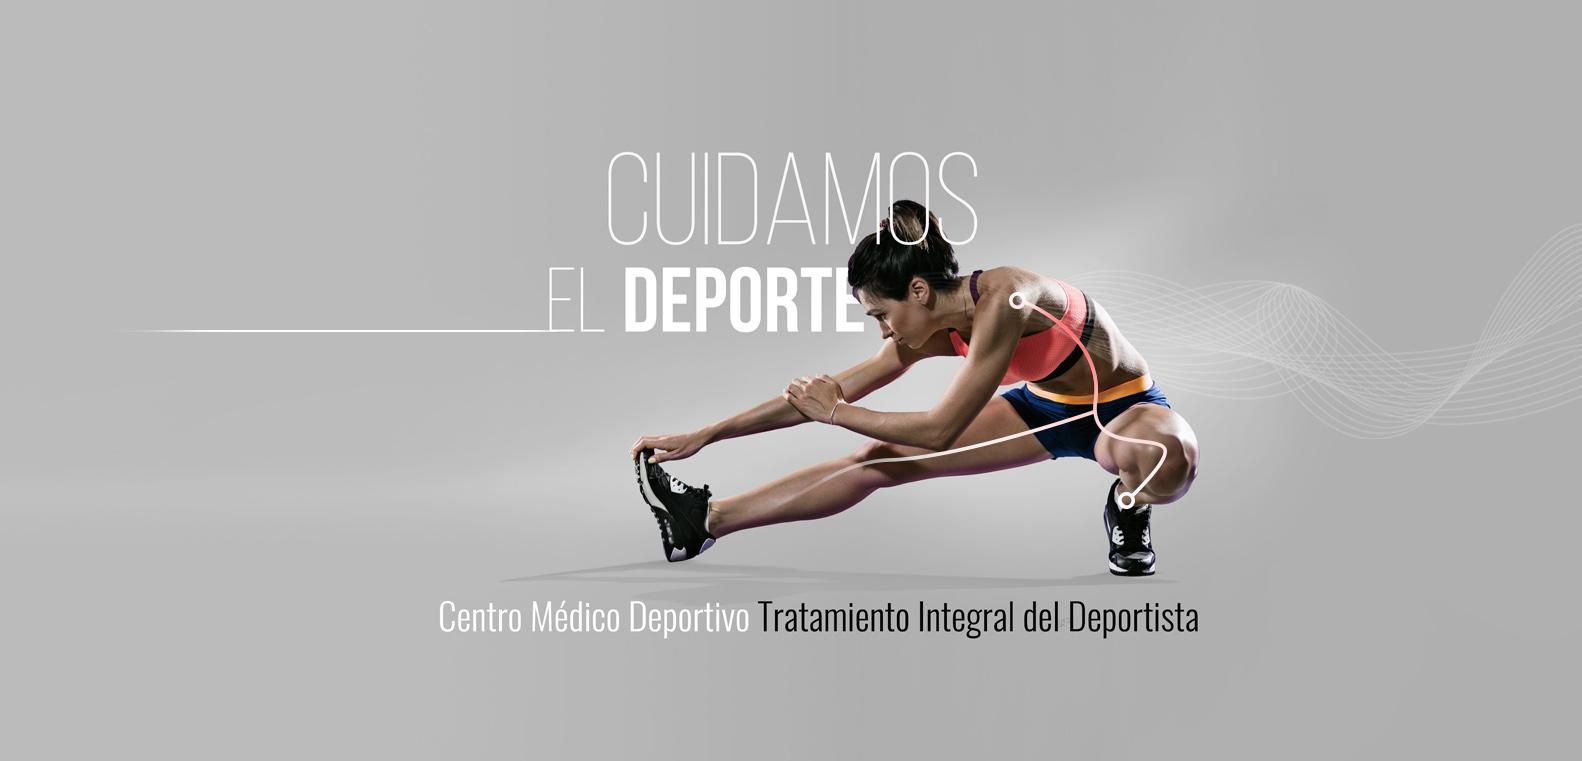 Cuidamos el deporte